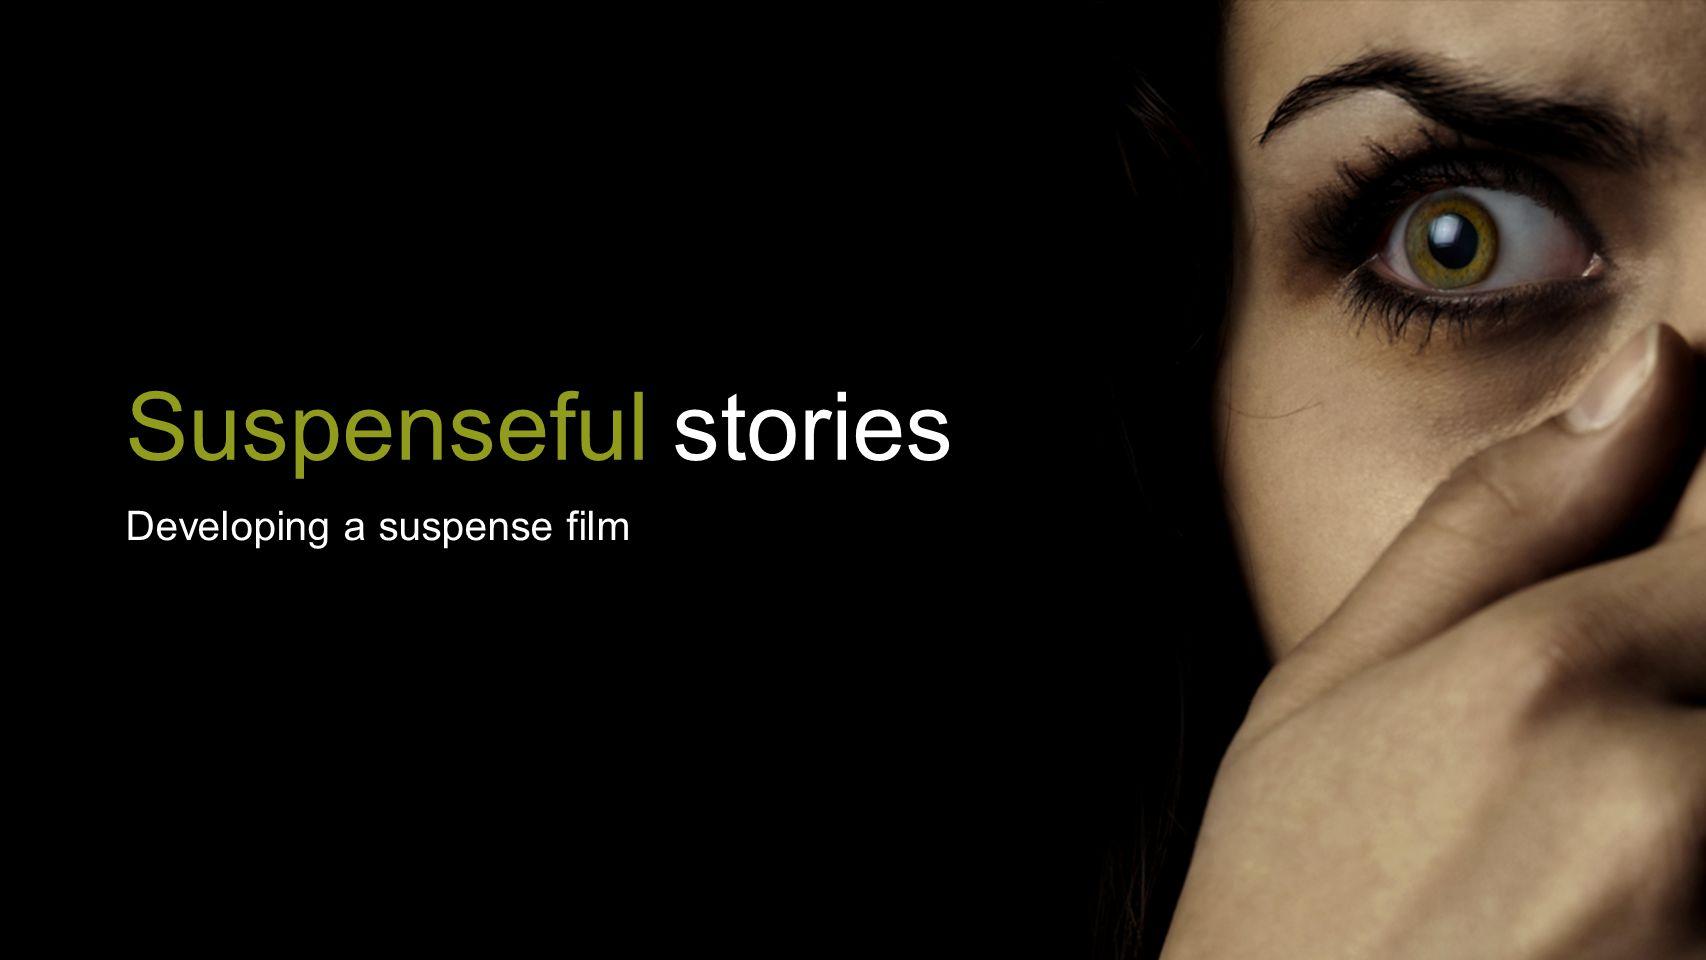 Suspenseful stories Developing a suspense film